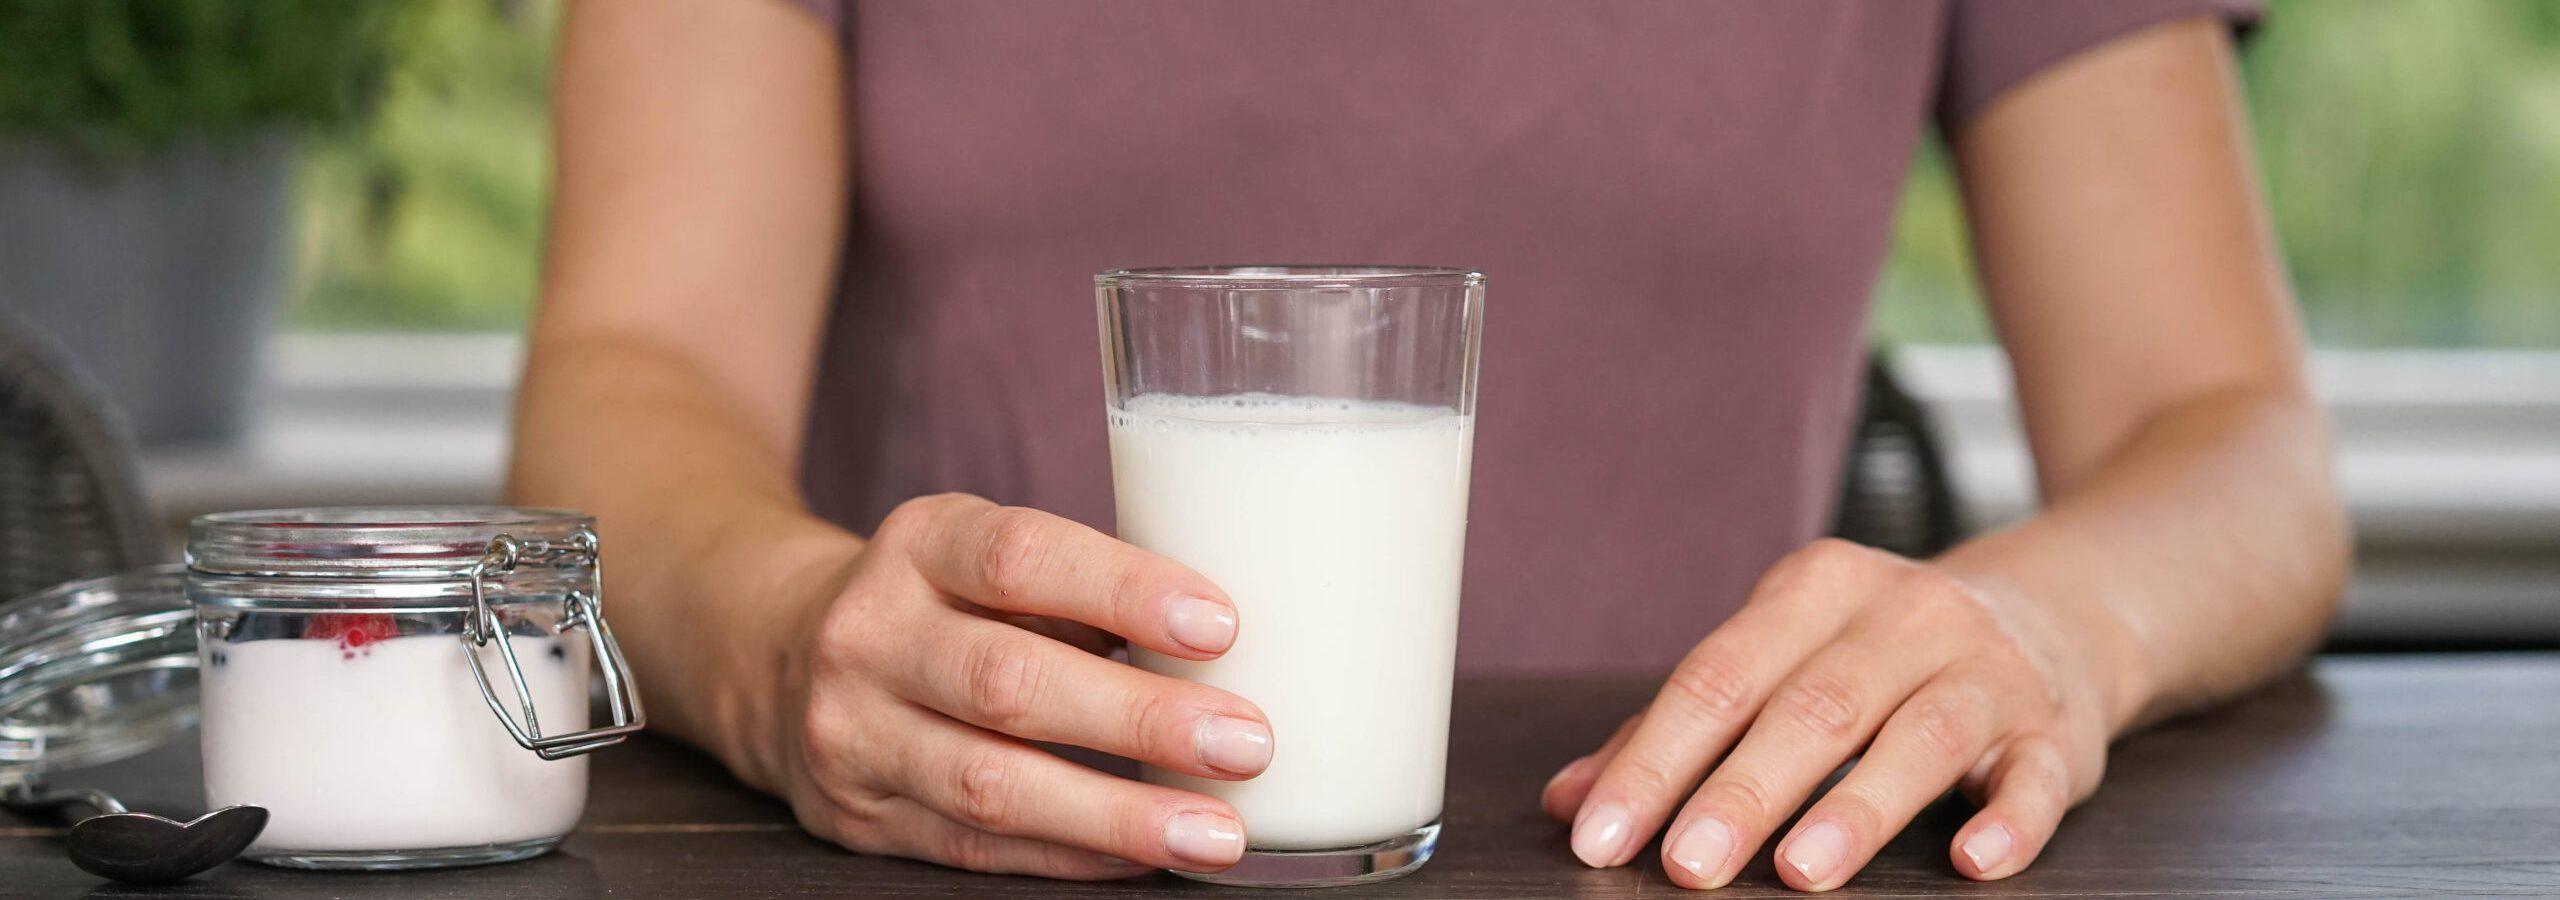 Det finnes også god dokumentasjon på at et kosthold med meieriprodukter som gir deg kalsium vil bidra til å forebygge benskjørhet. Foto: Melk.no